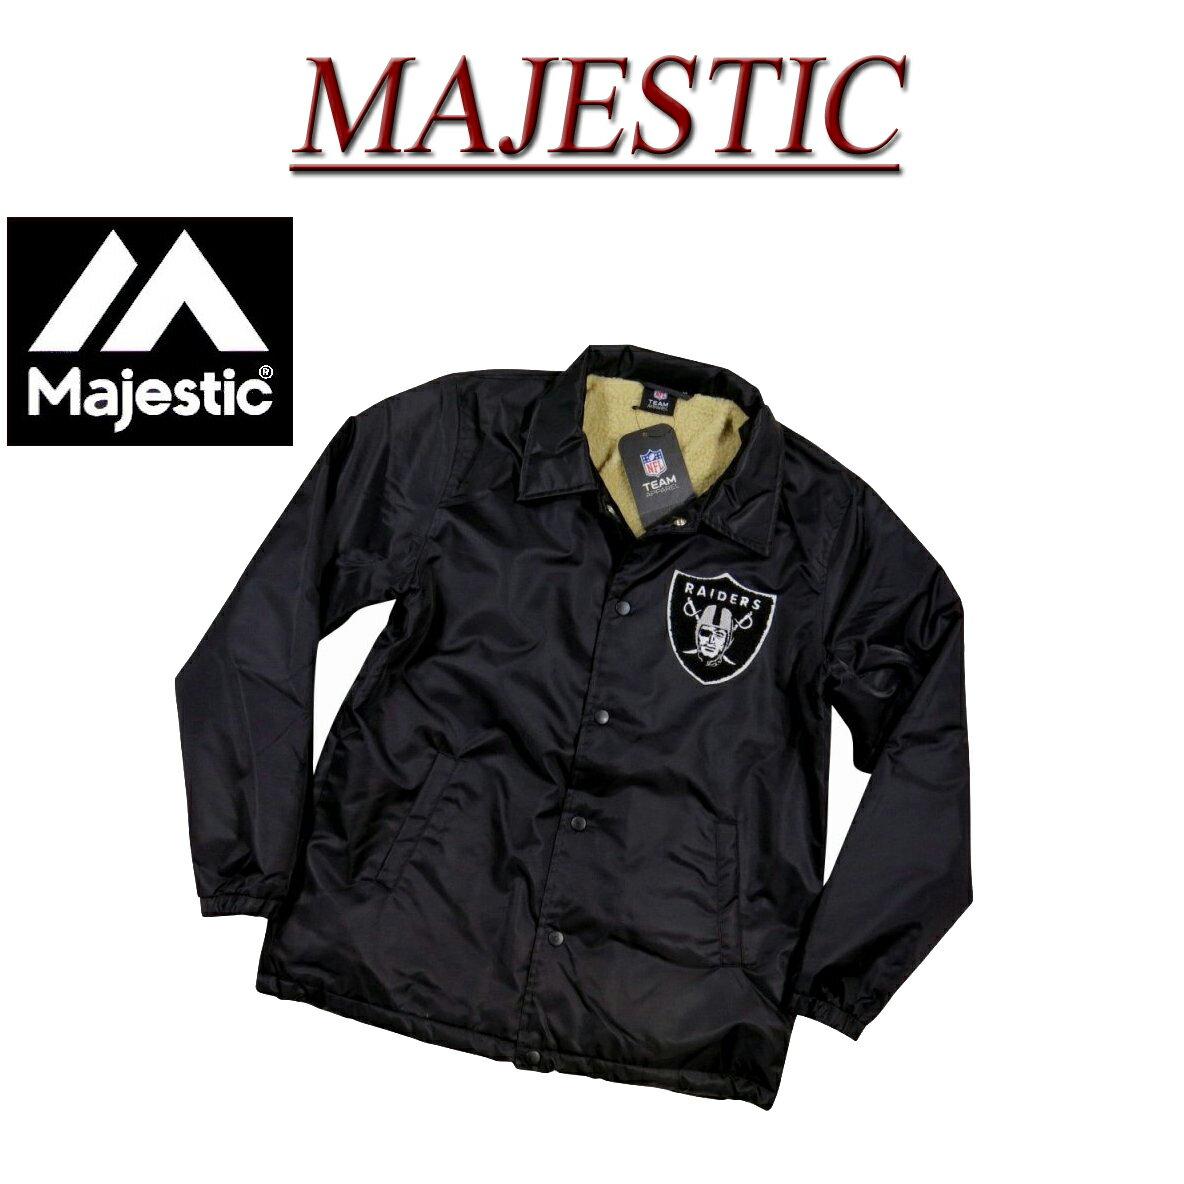 【2017秋冬 5サイズ】 jb971 新品 MAJESTIC オークランド レイダース さがら刺繍 裏ボア コーチジャケット FM23-OLR-7F02 メンズ マジェスティック Oakland Raiders NFL OFFICIAL WEAR ウインドブレーカー ナイロンジャケット